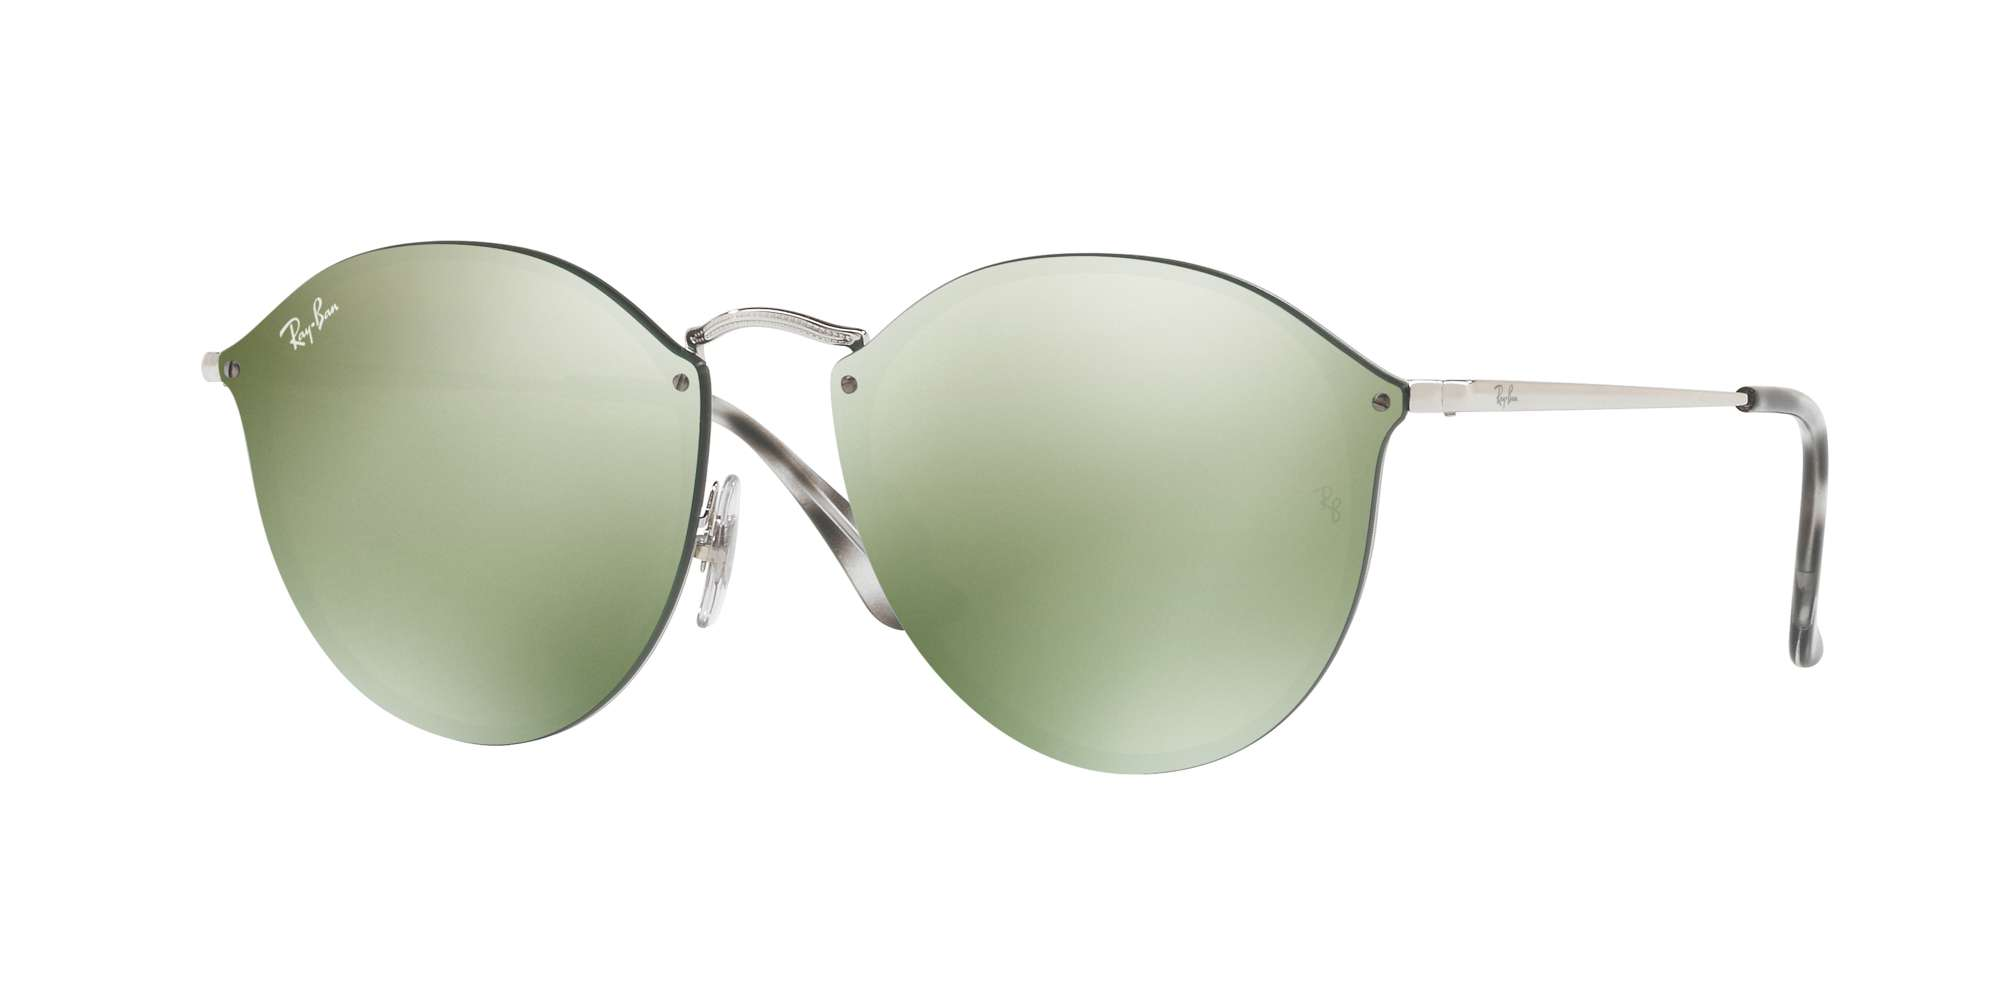 SILVER / DARK GREEN MIRROR SILVER lenses